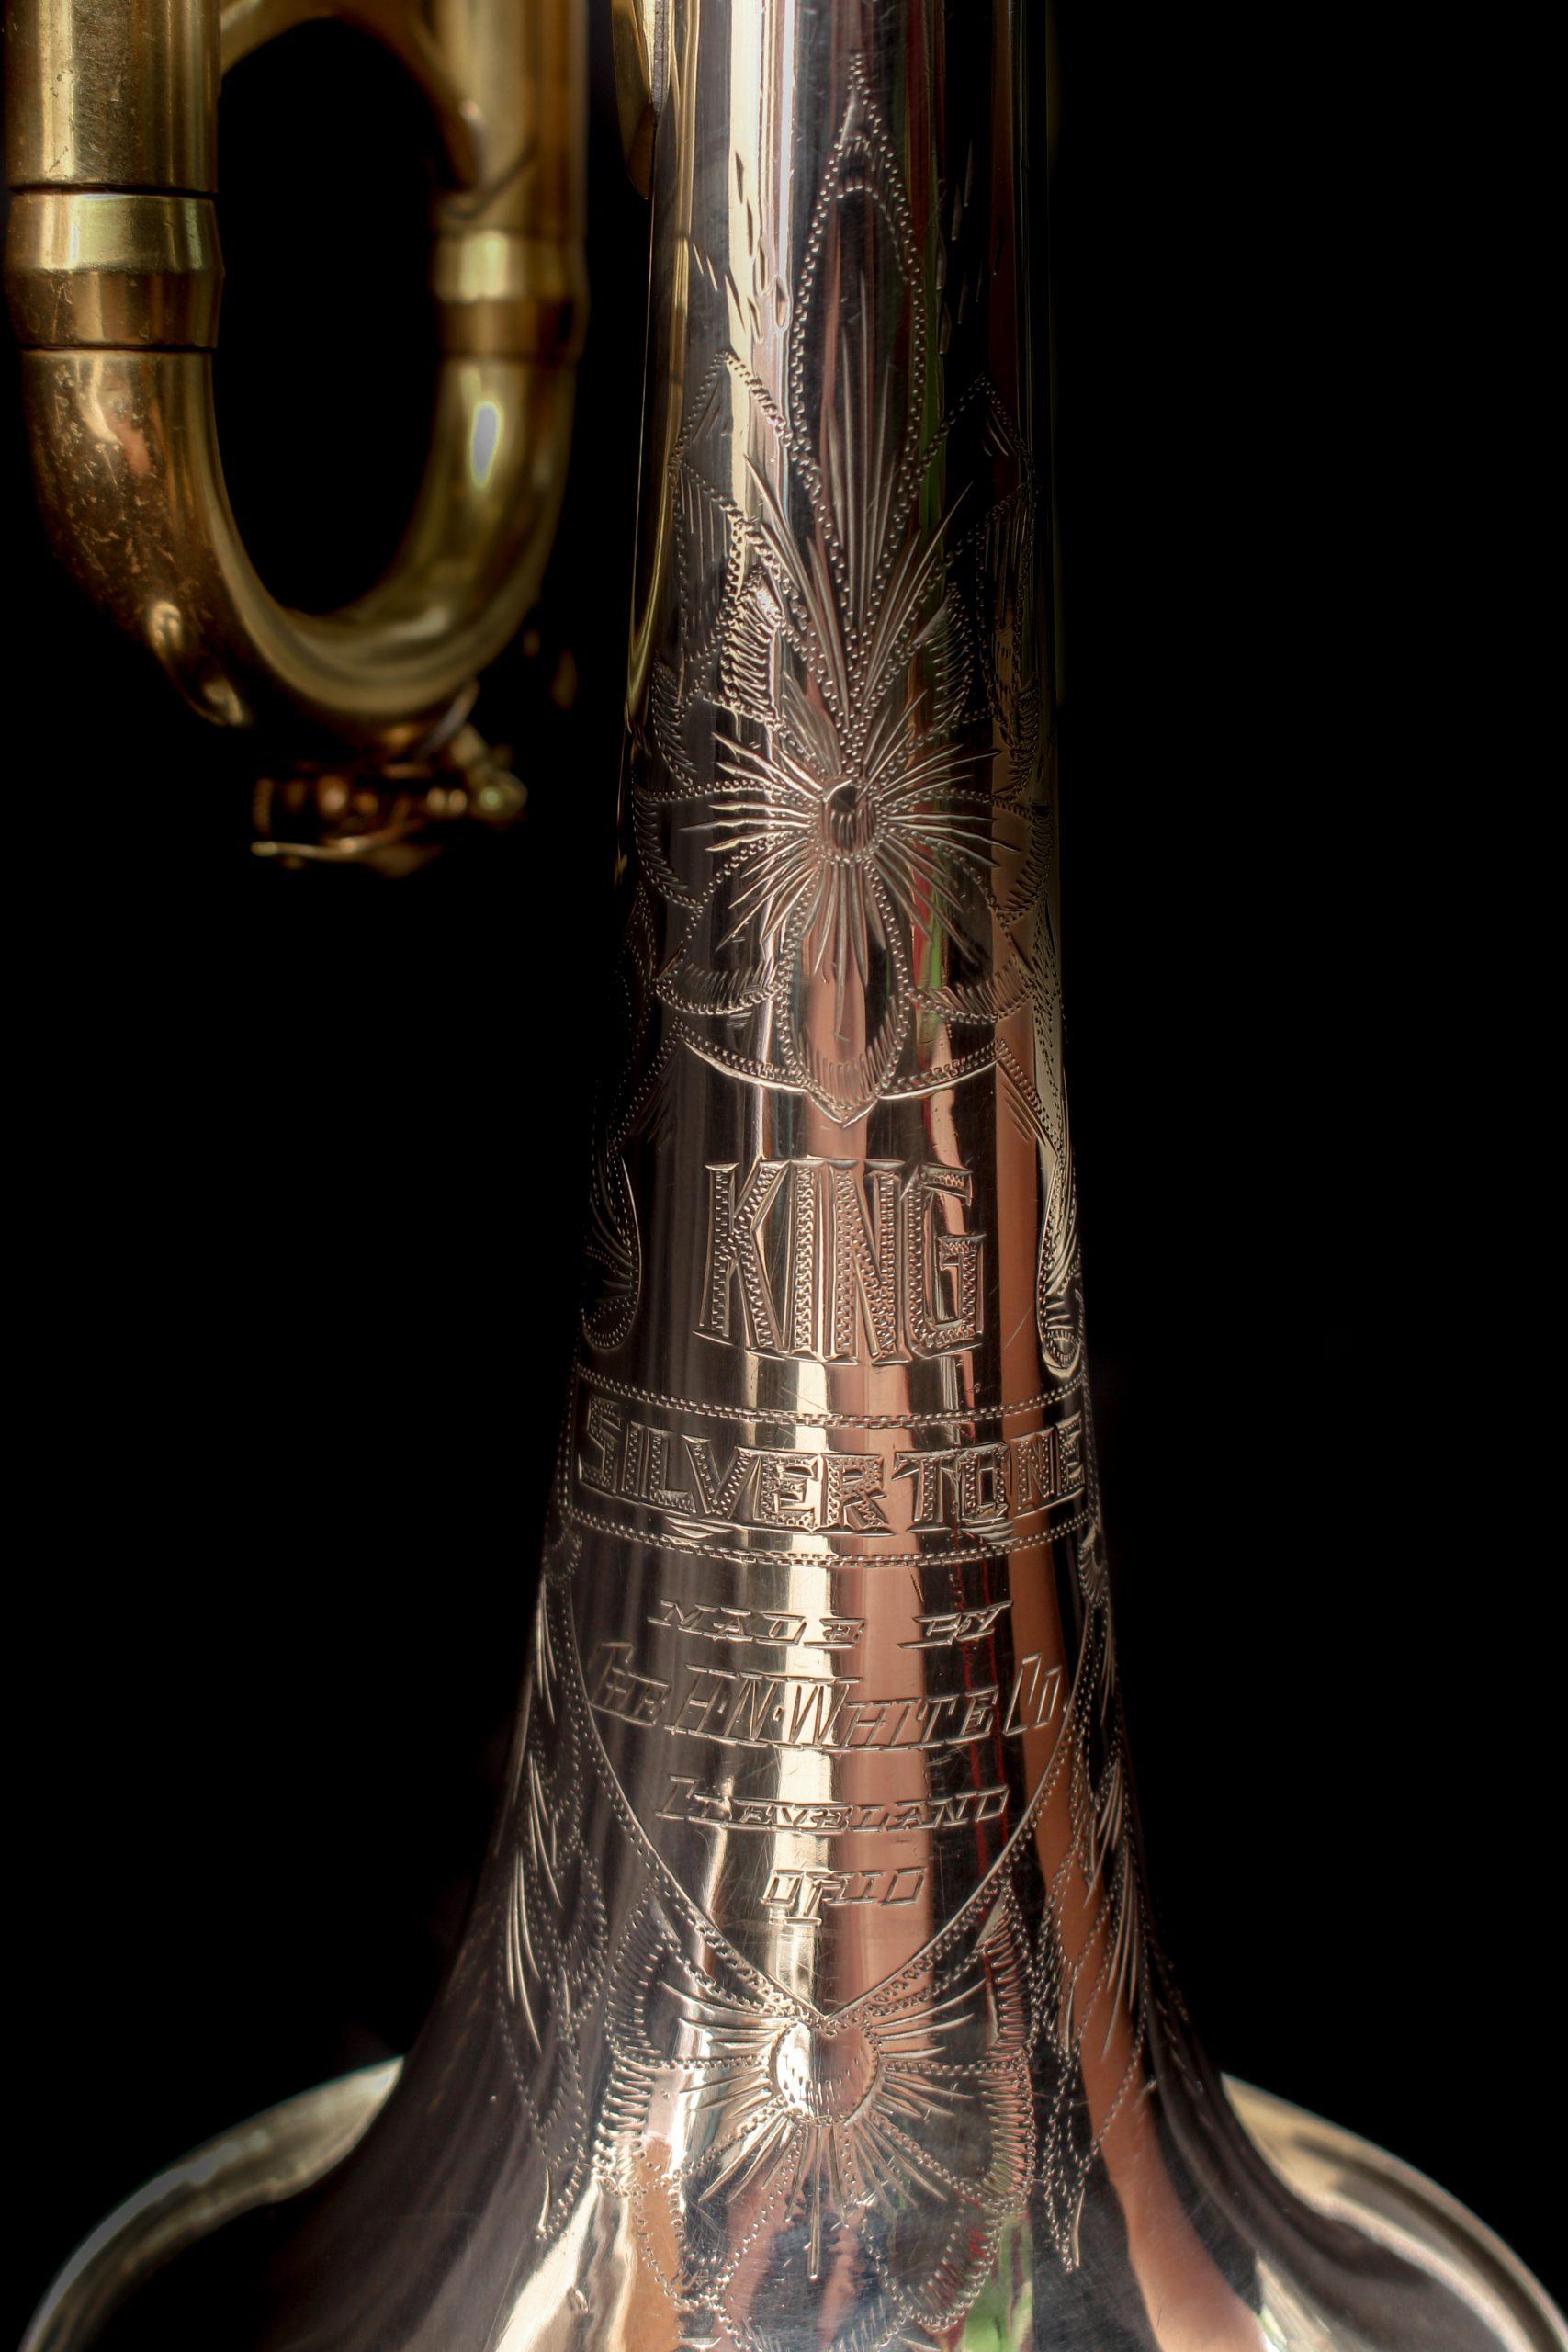 King-Silvertone-trumpet-Jamies-Trumpet-Gallery